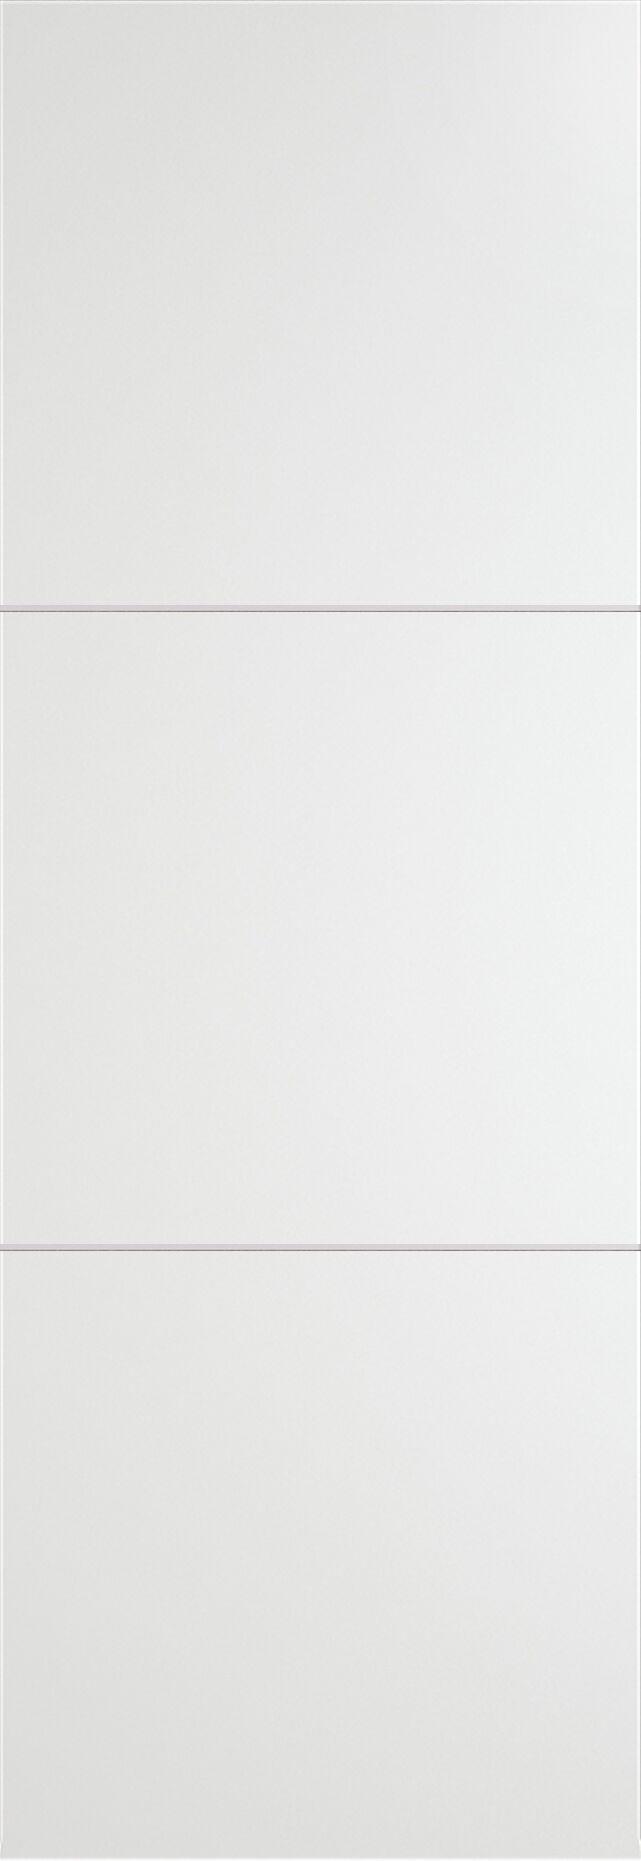 Tivoli В-3 Invisible цвет - Белая эмаль Без стекла (ДГ)